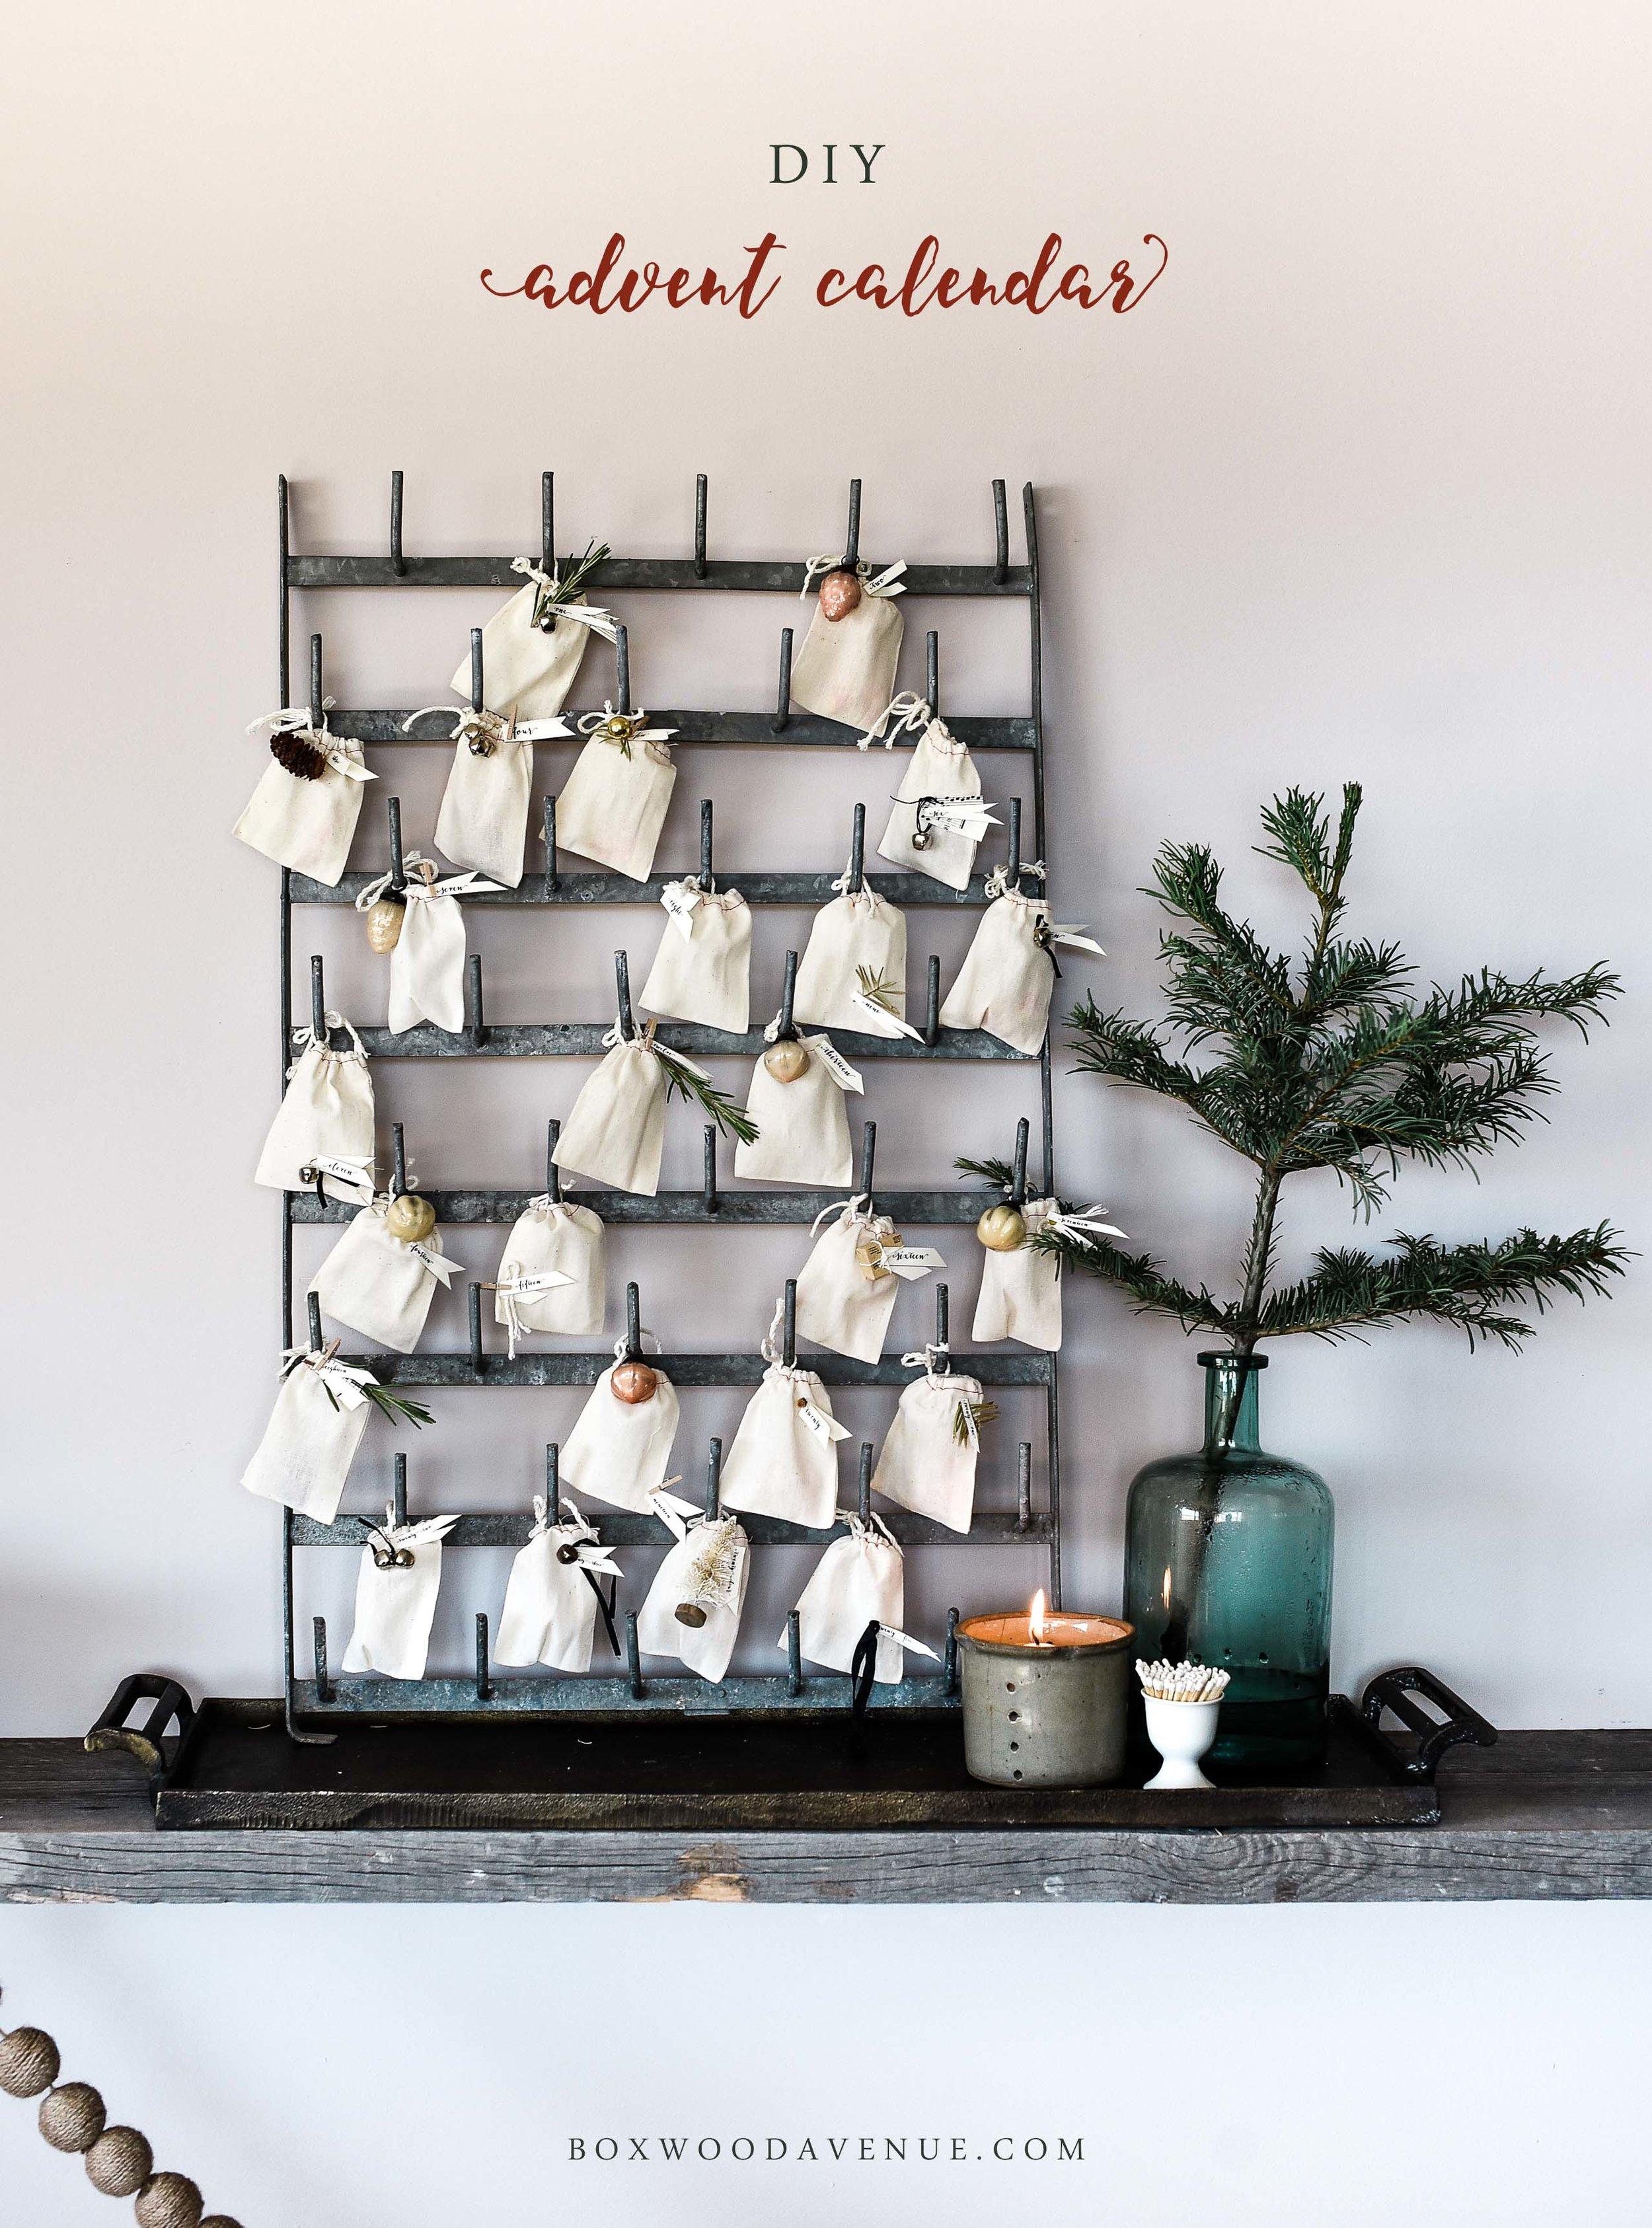 DIY Advent Calendar using a vintage bottle drying rack & muslin bags - so cute for a farmhouse Christmas! boxwoodavenue.com